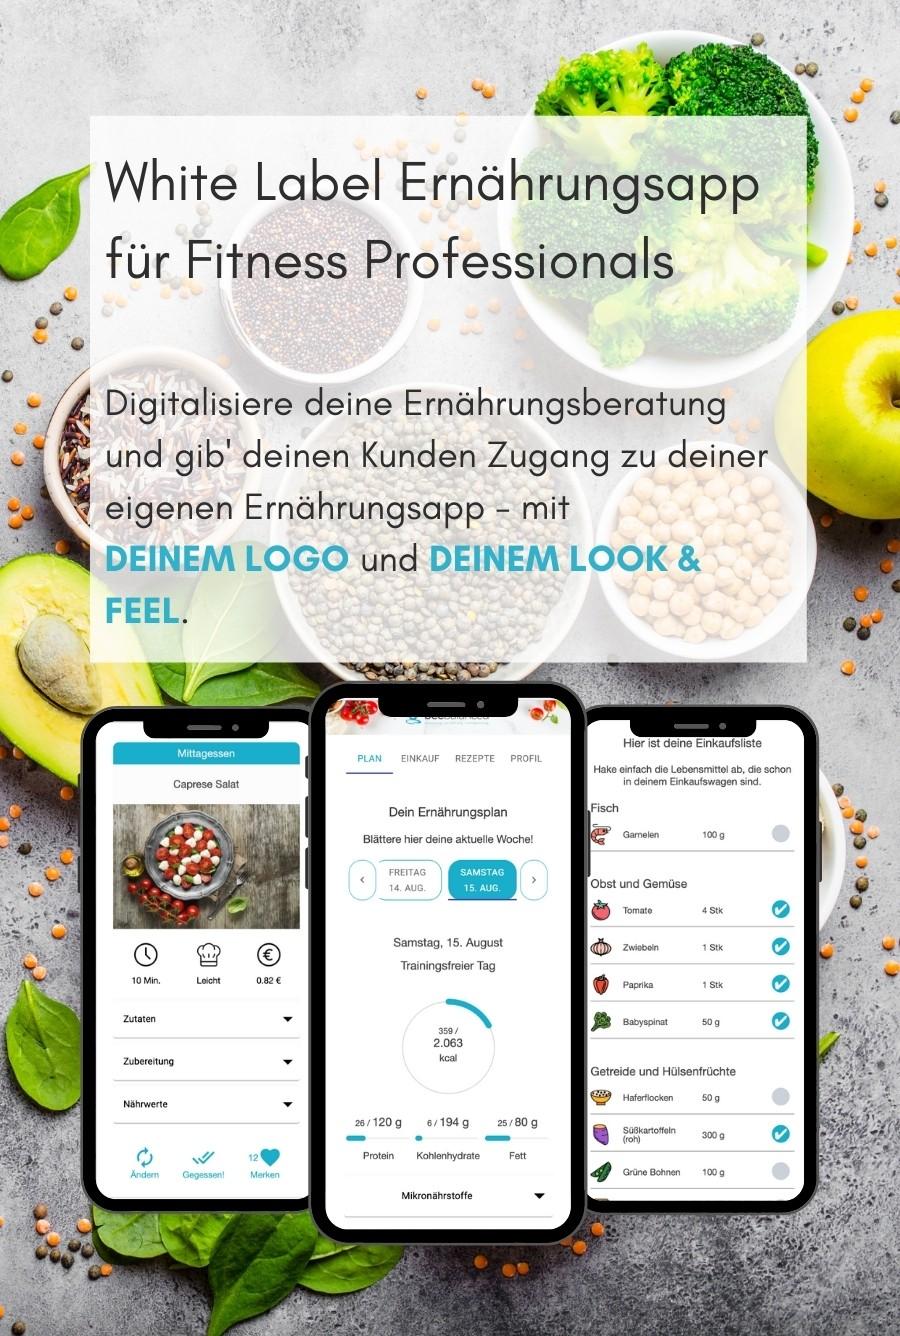 Software für Online Ernährungsberatung - White Label Ernährungsapp für Fitness Professionals wie Personal Trainer, Ernährungsberater, Fitnessstudios (1)